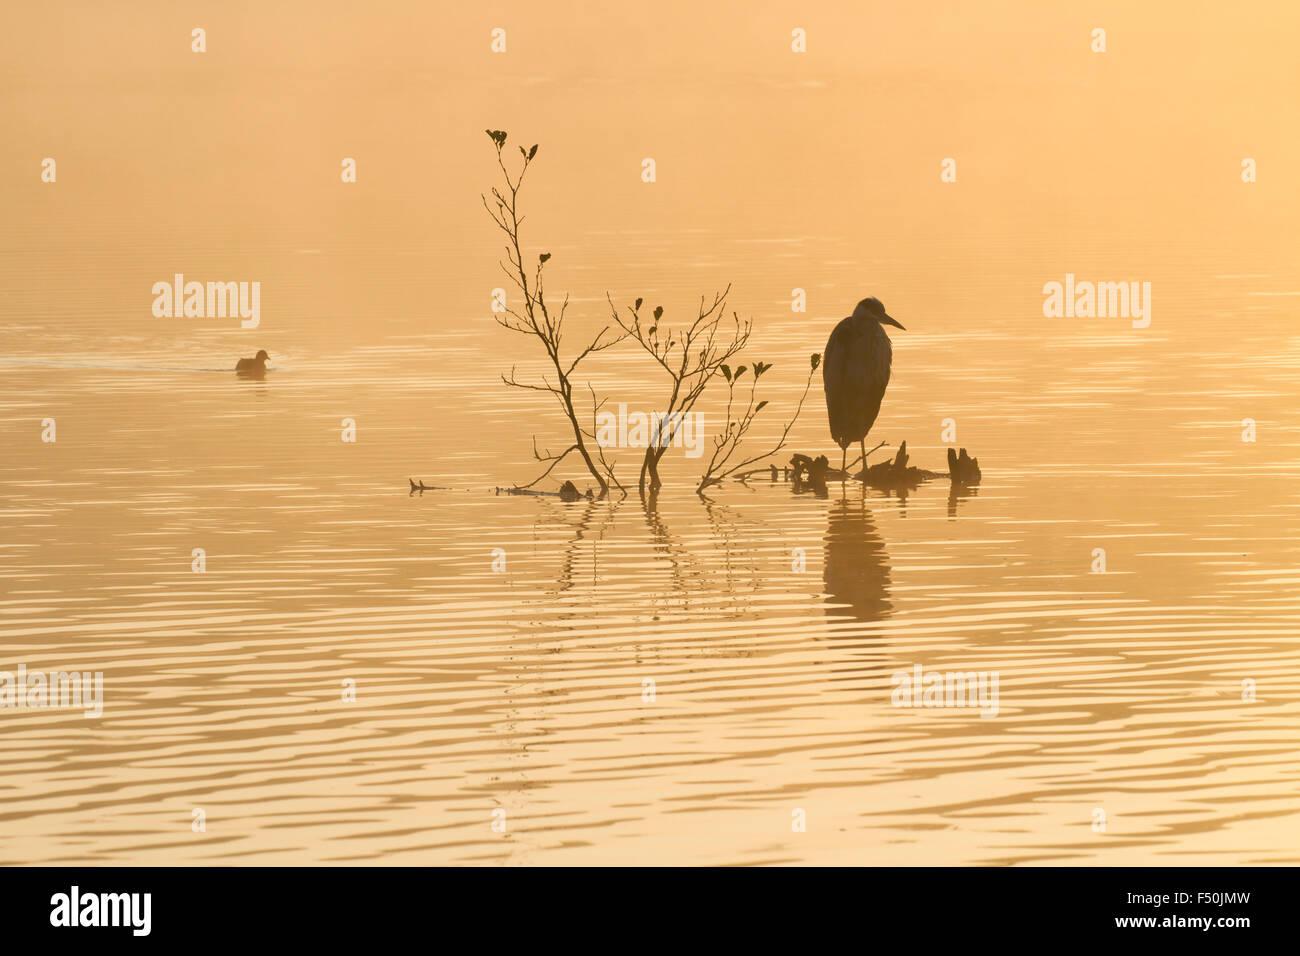 Airone cinerino (Ardea cinerea) su un pesce persico nel mezzo di un lago con la folaga (fulica atra) nuoto passato Immagini Stock